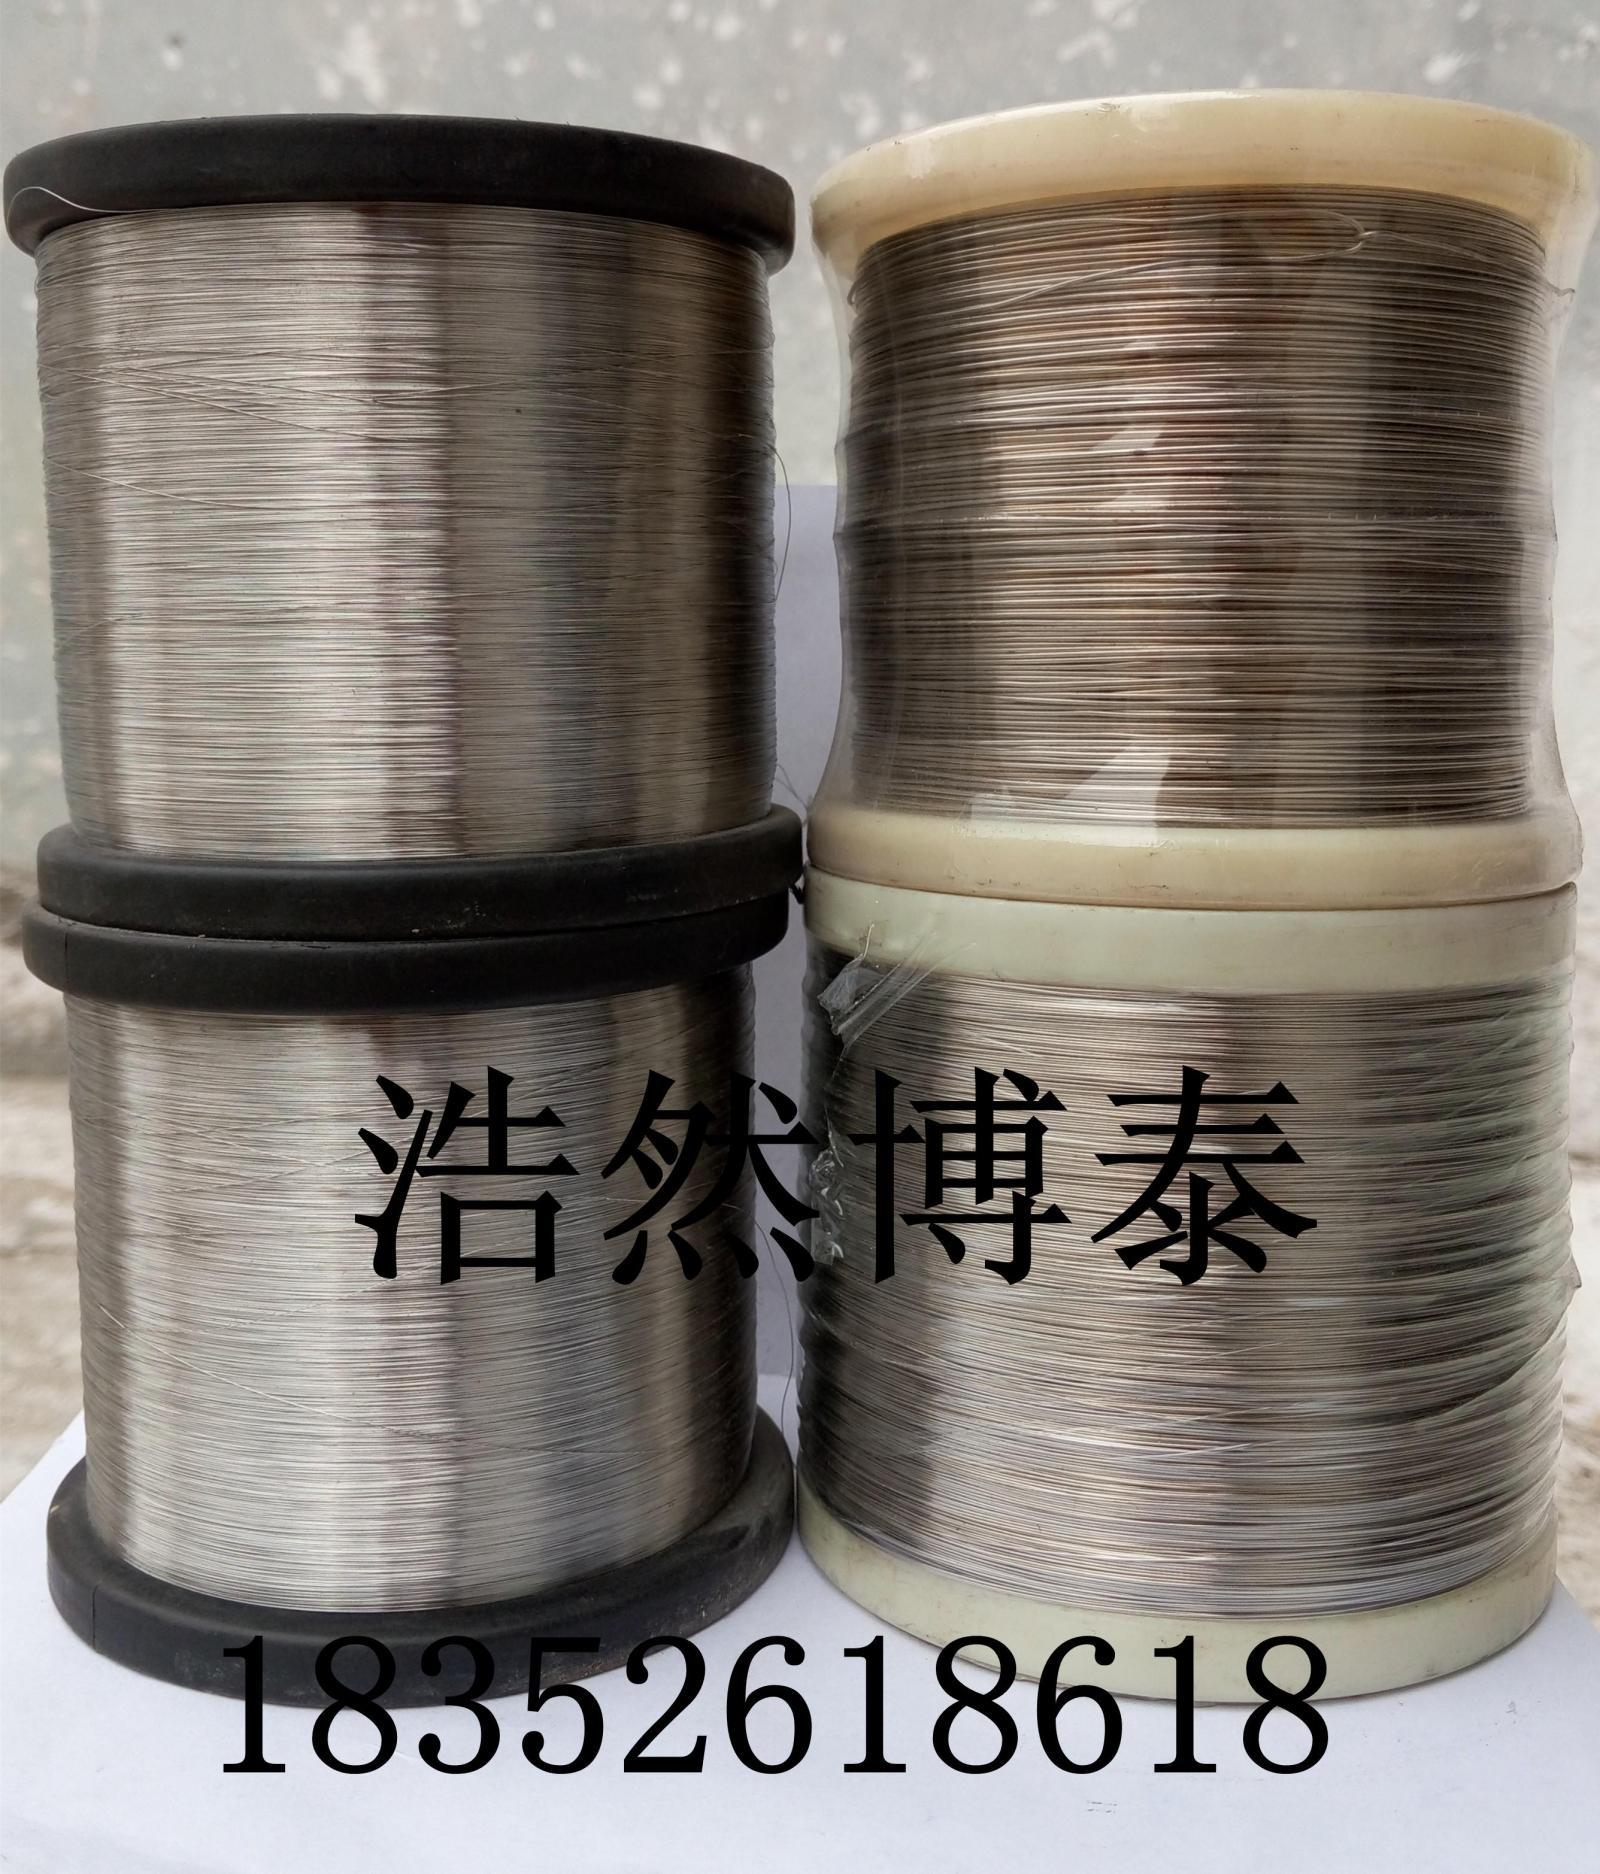 304不锈钢丝 中硬丝 钢丝线 硬钢线0.18/0.2/0.25/0.28mm每公斤价